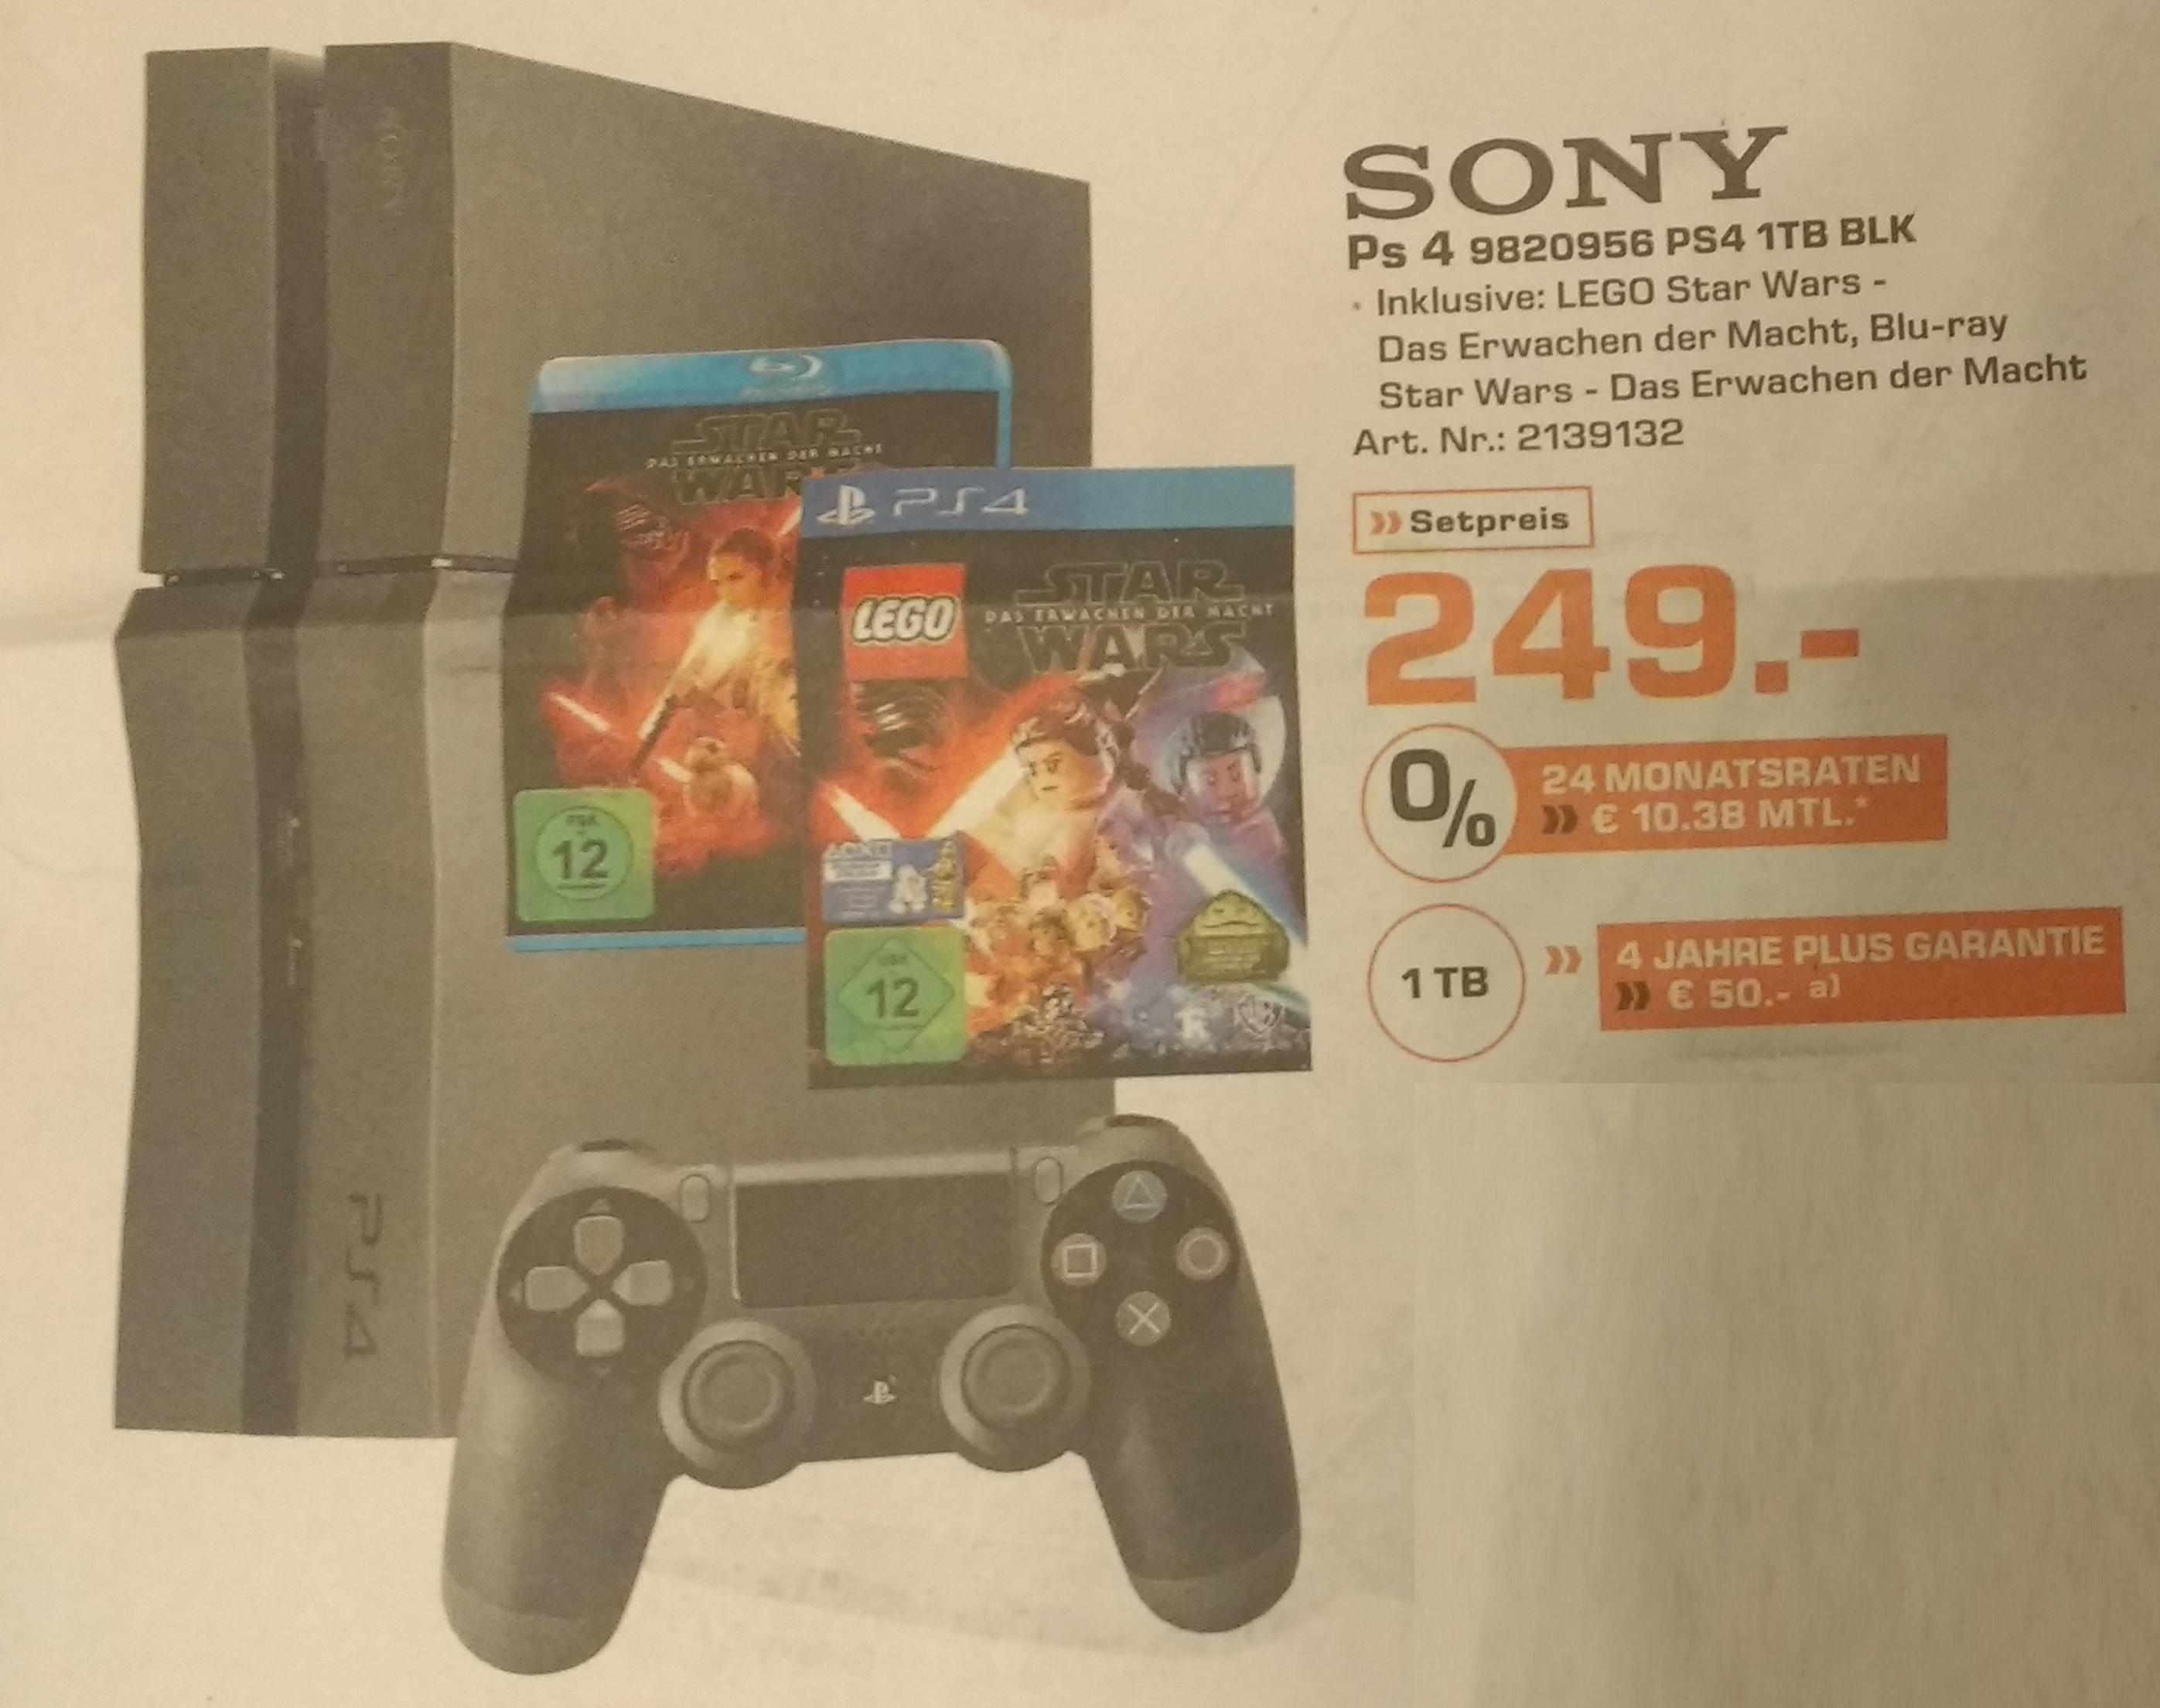 PS4 Konsole 1TB [Lokal] mit Star Wars Spielen für 249 €